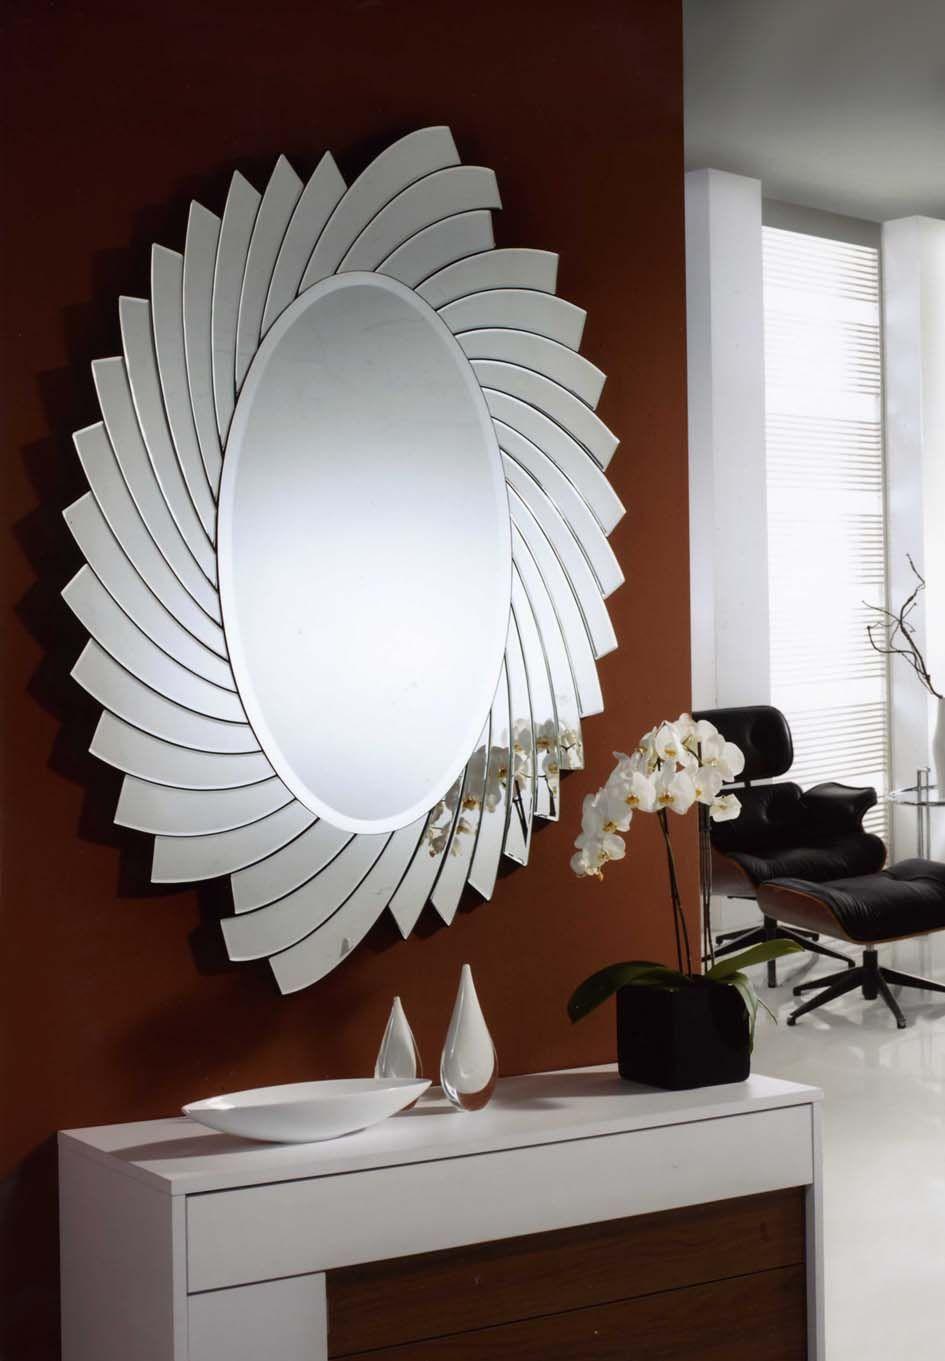 Espejos de cristal modelo helios ovalado decoracion for Espejos redondos para decoracion